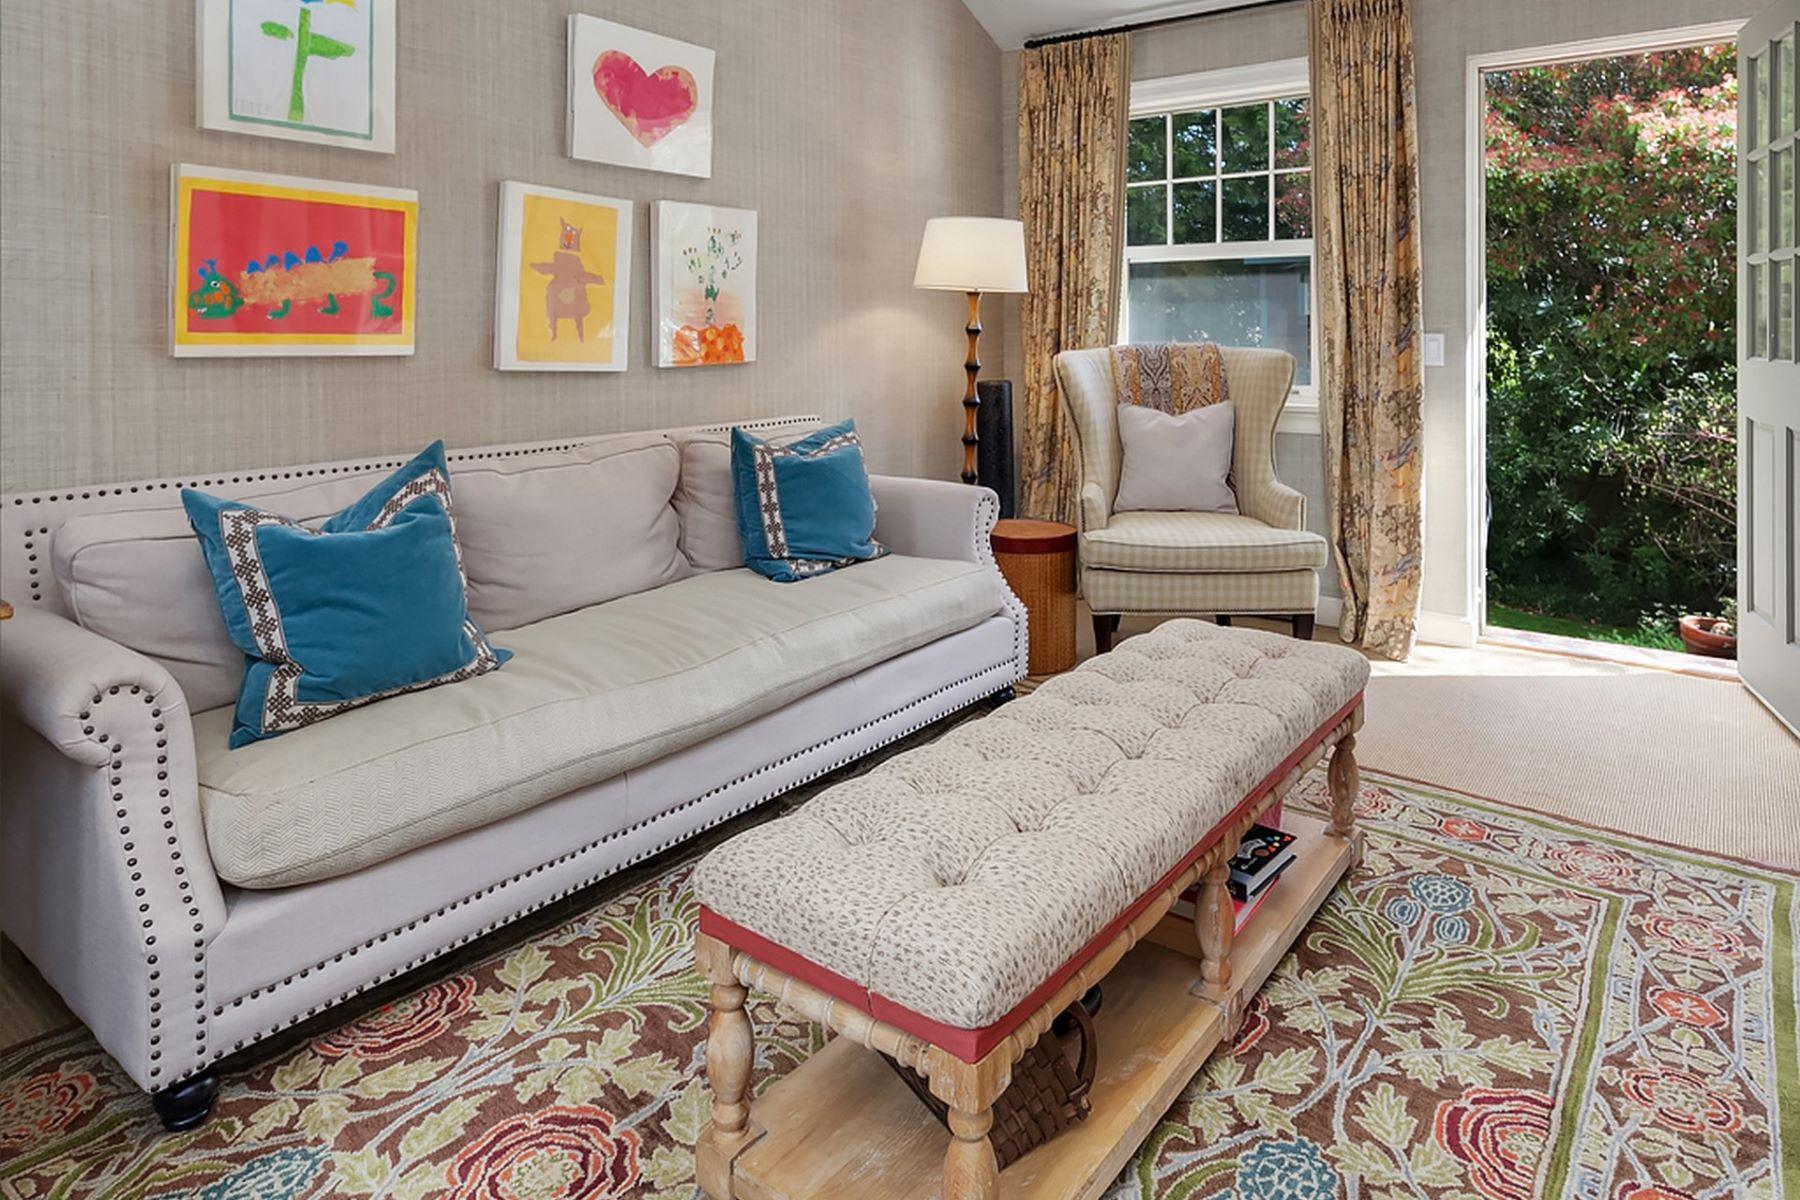 Additional photo for property listing at 1550 Shenandoah Dr E  Seattle, Вашингтон 98112 Соединенные Штаты